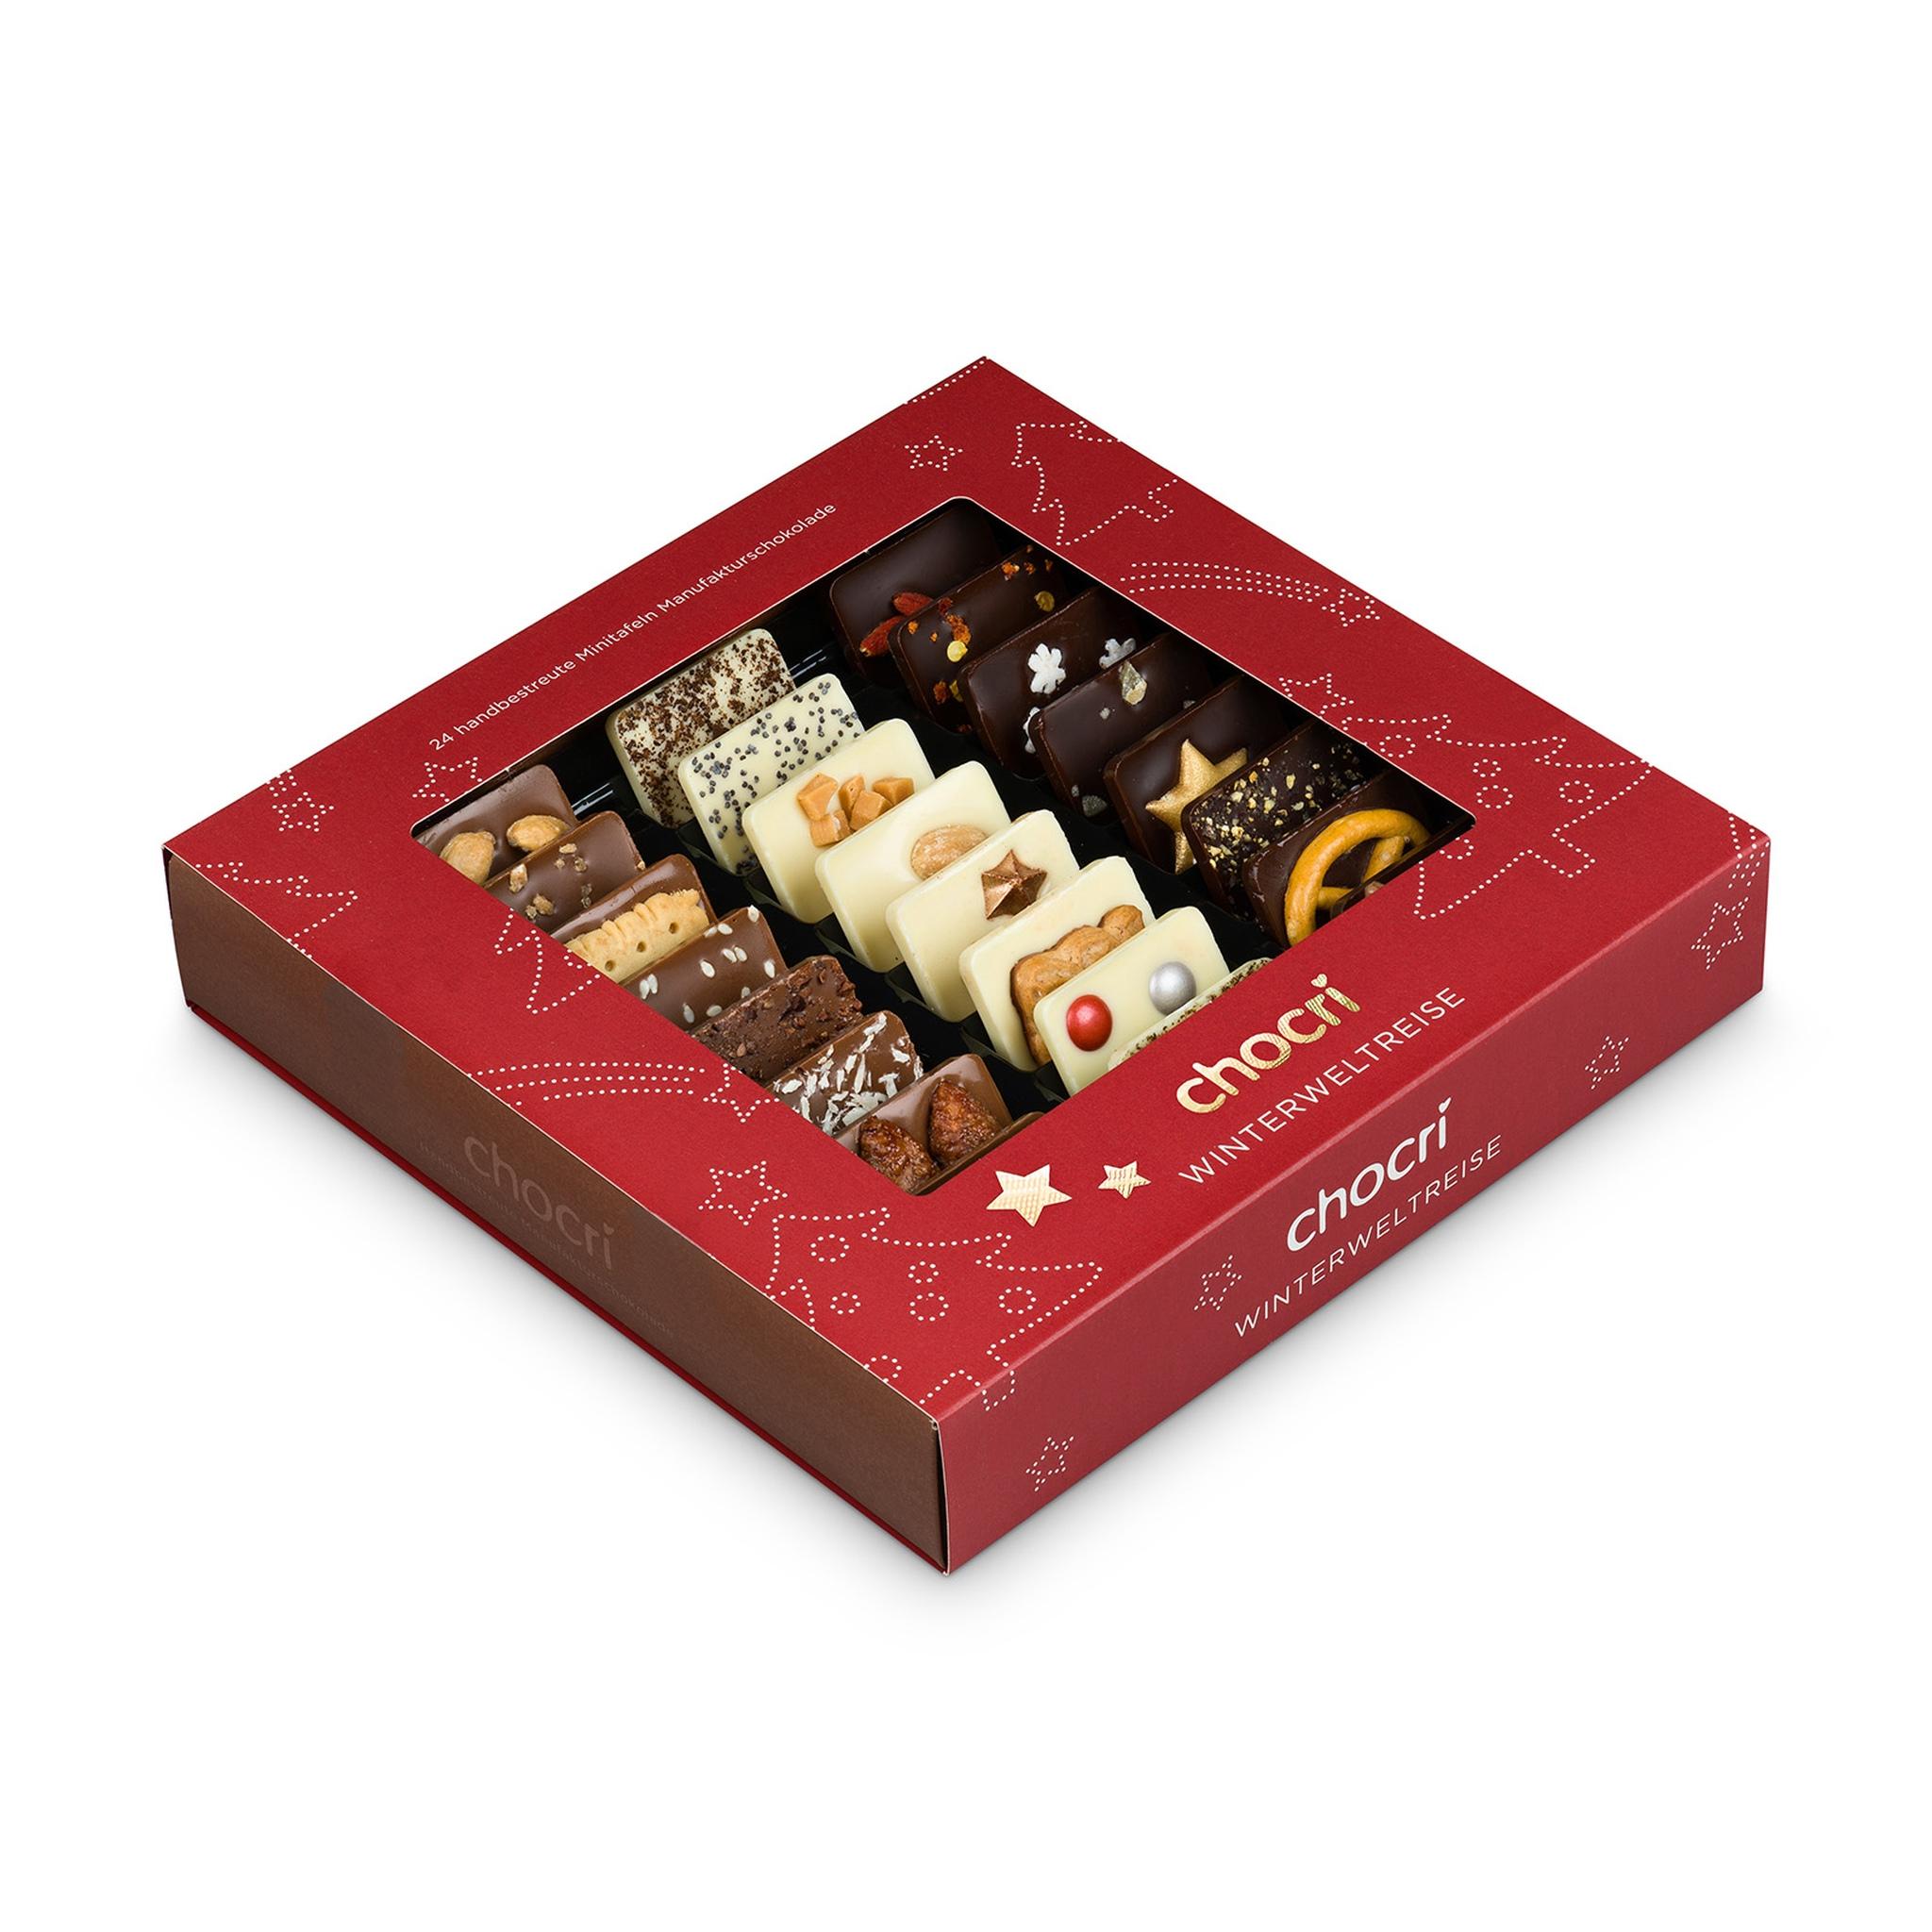 Köstlichsüsses - chocri 'Winterweltreise' Mini Schokoladentafeln - Onlineshop Chocri